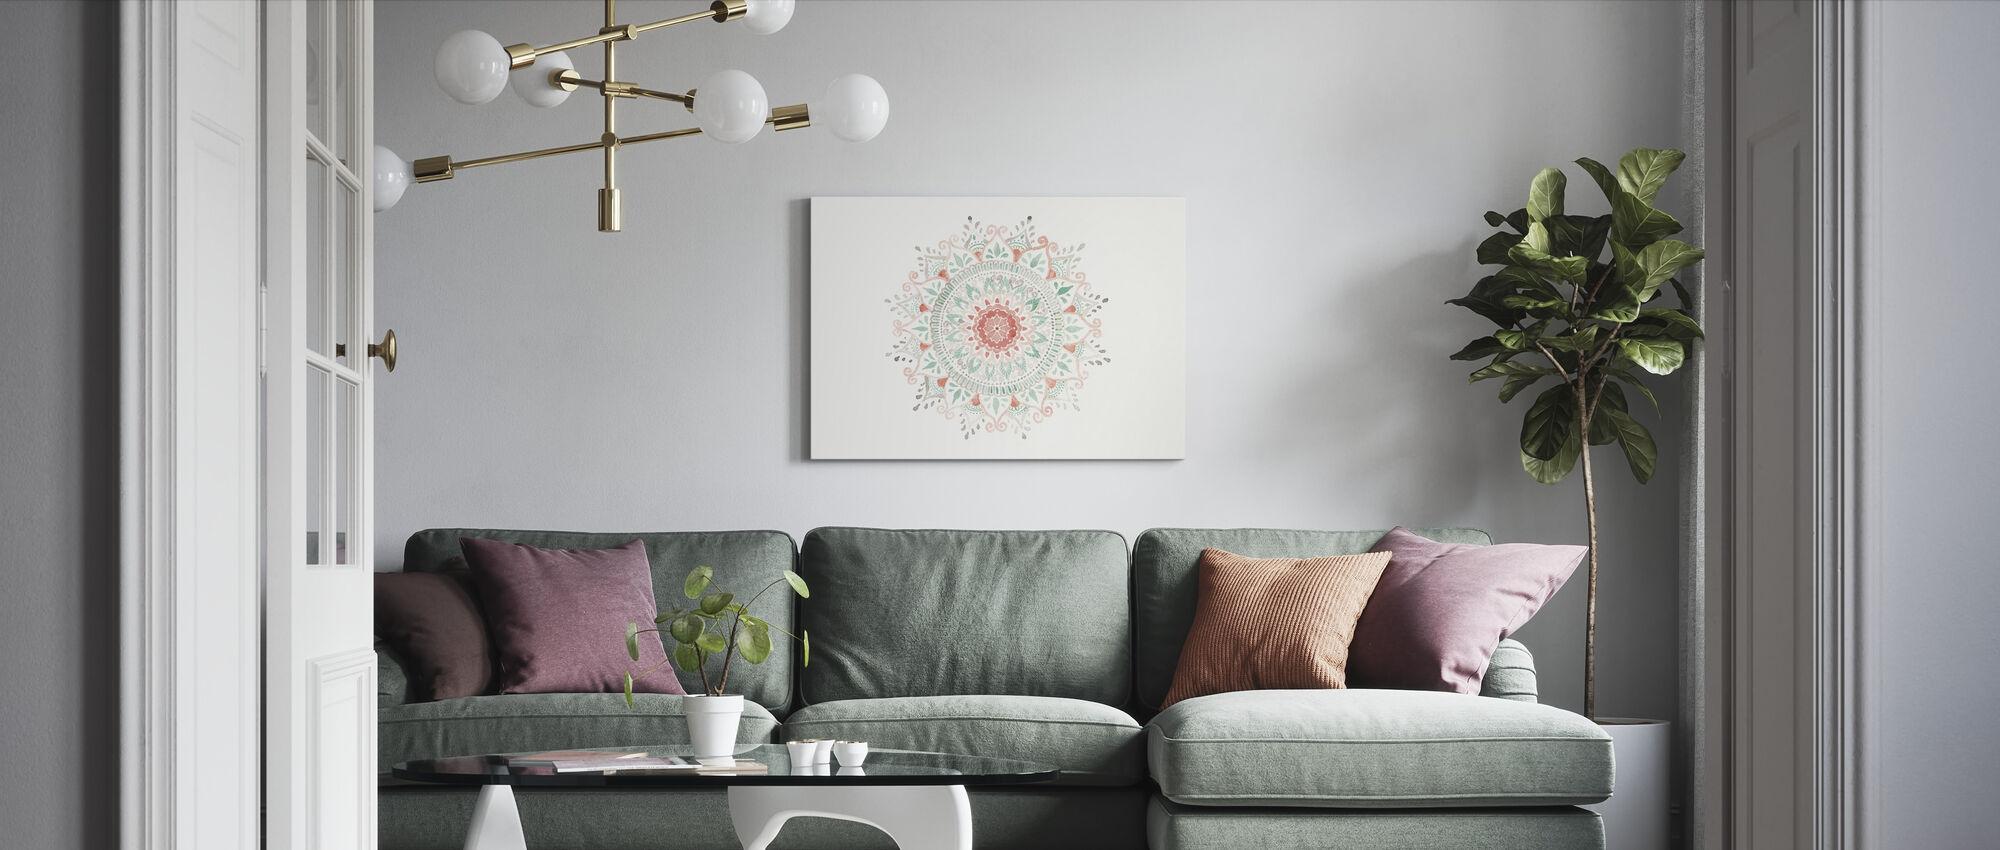 Mandala Delight I - Canvas print - Living Room